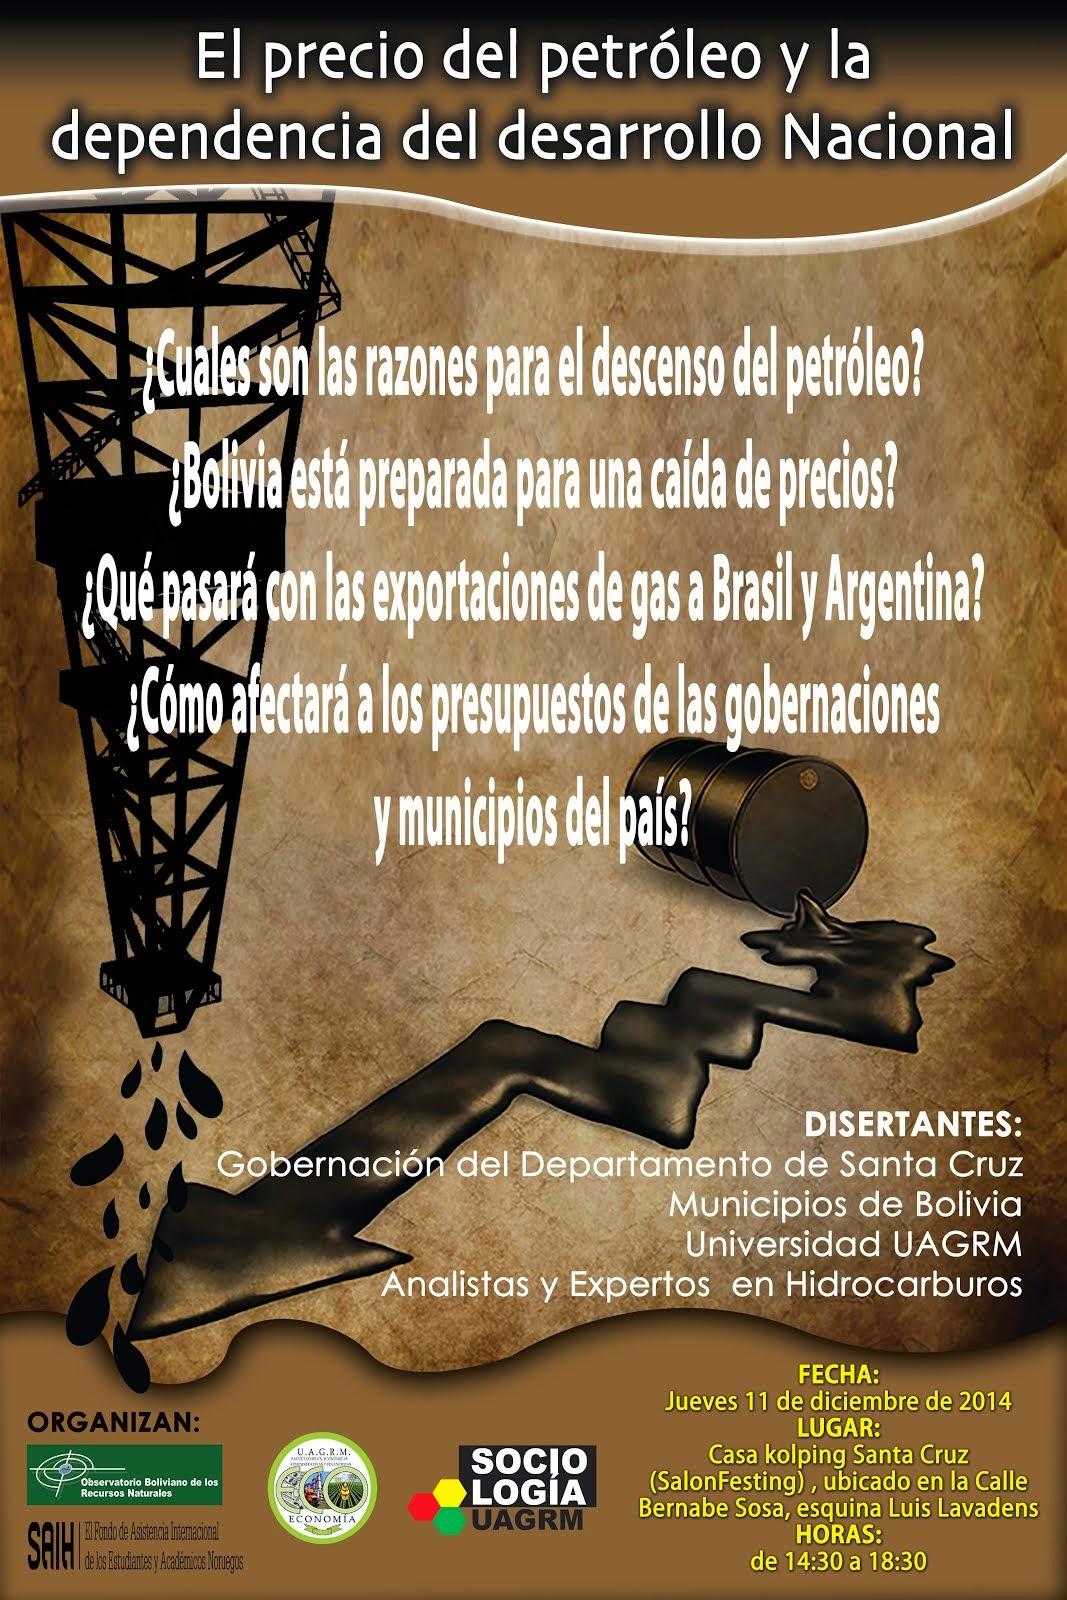 SEMINARIO: EL PRECIO DEL PETRÓLEO Y LA DEPENDENCIA DEL DESARROLLO NACIONAL